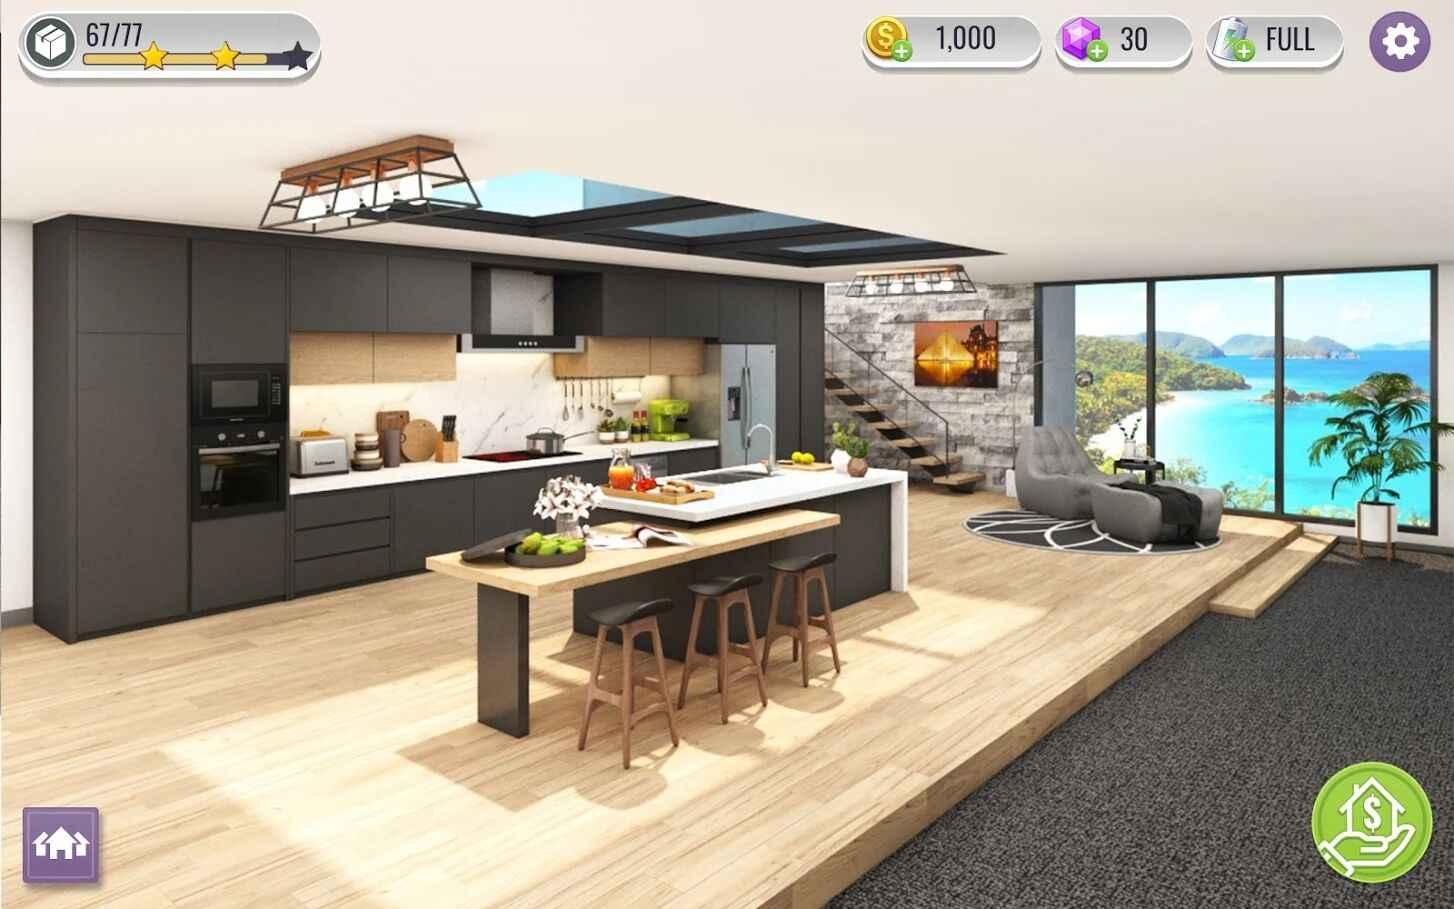 家居设计:翻新改造者下载